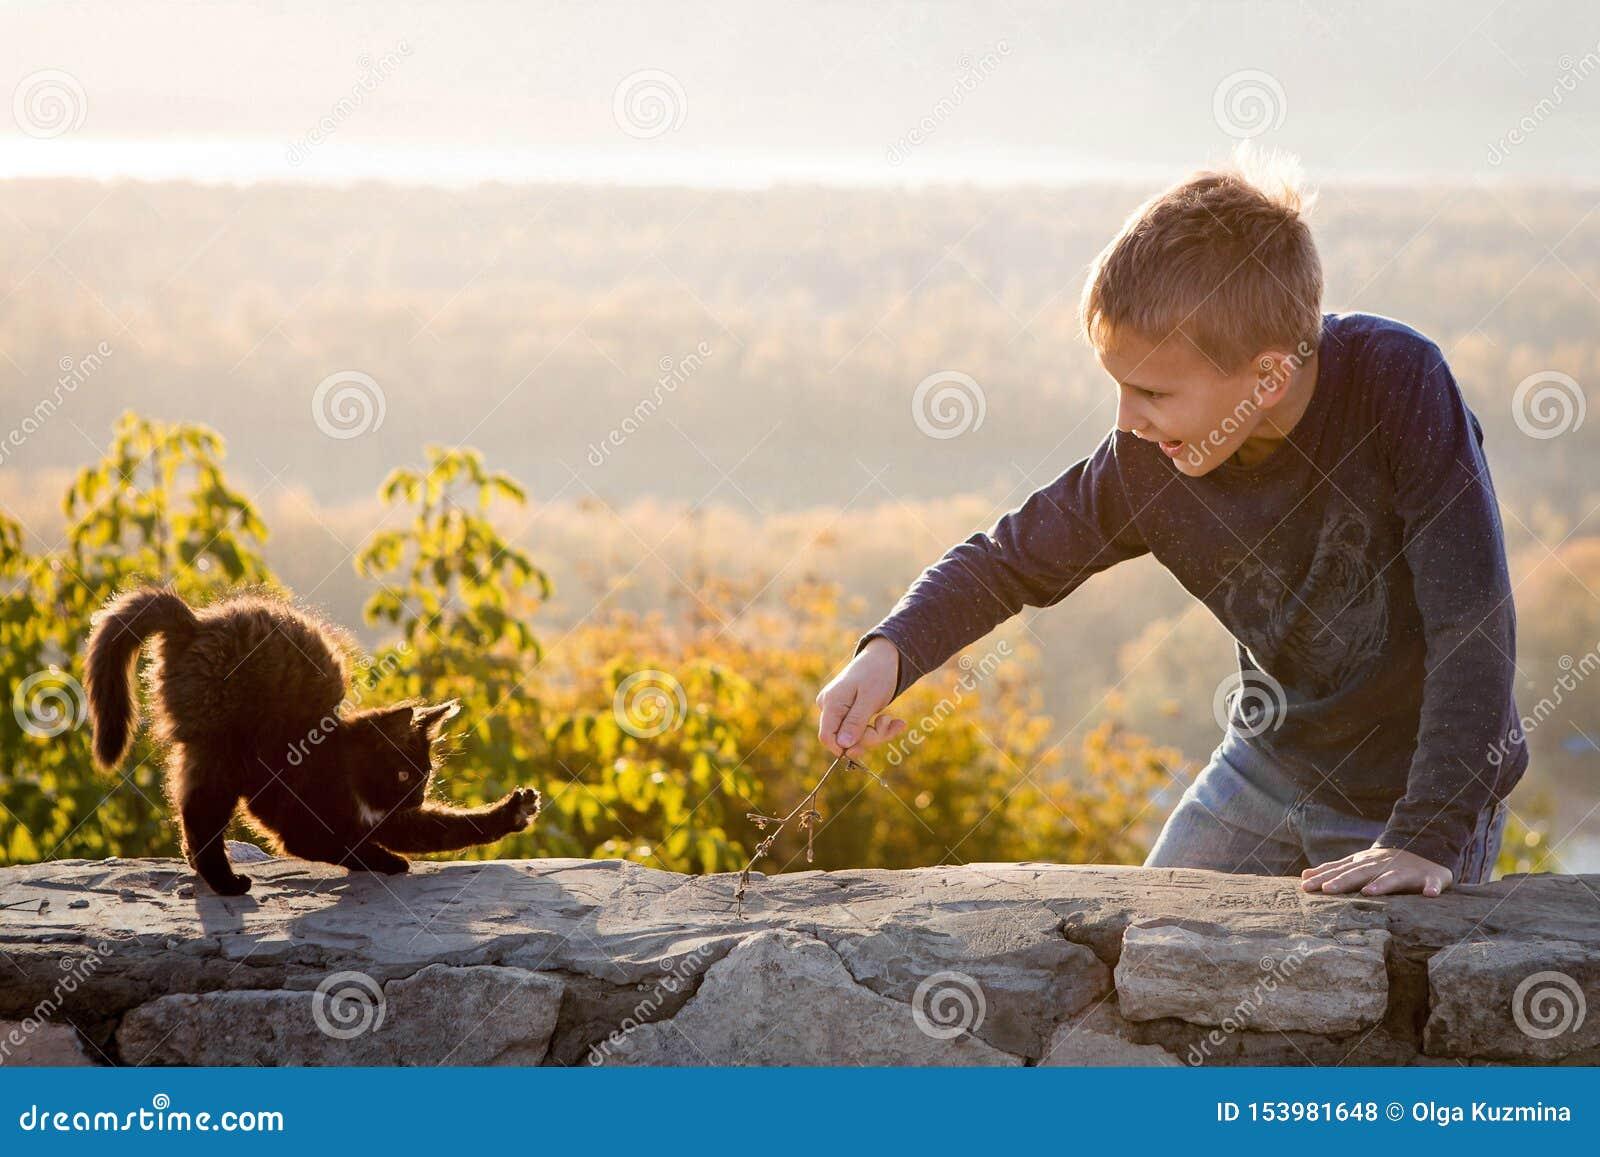 Een kind speelt met een katje Pretfoto Communicatie met dieren Blije jongen De herfst heldere dag Mooi landschap in